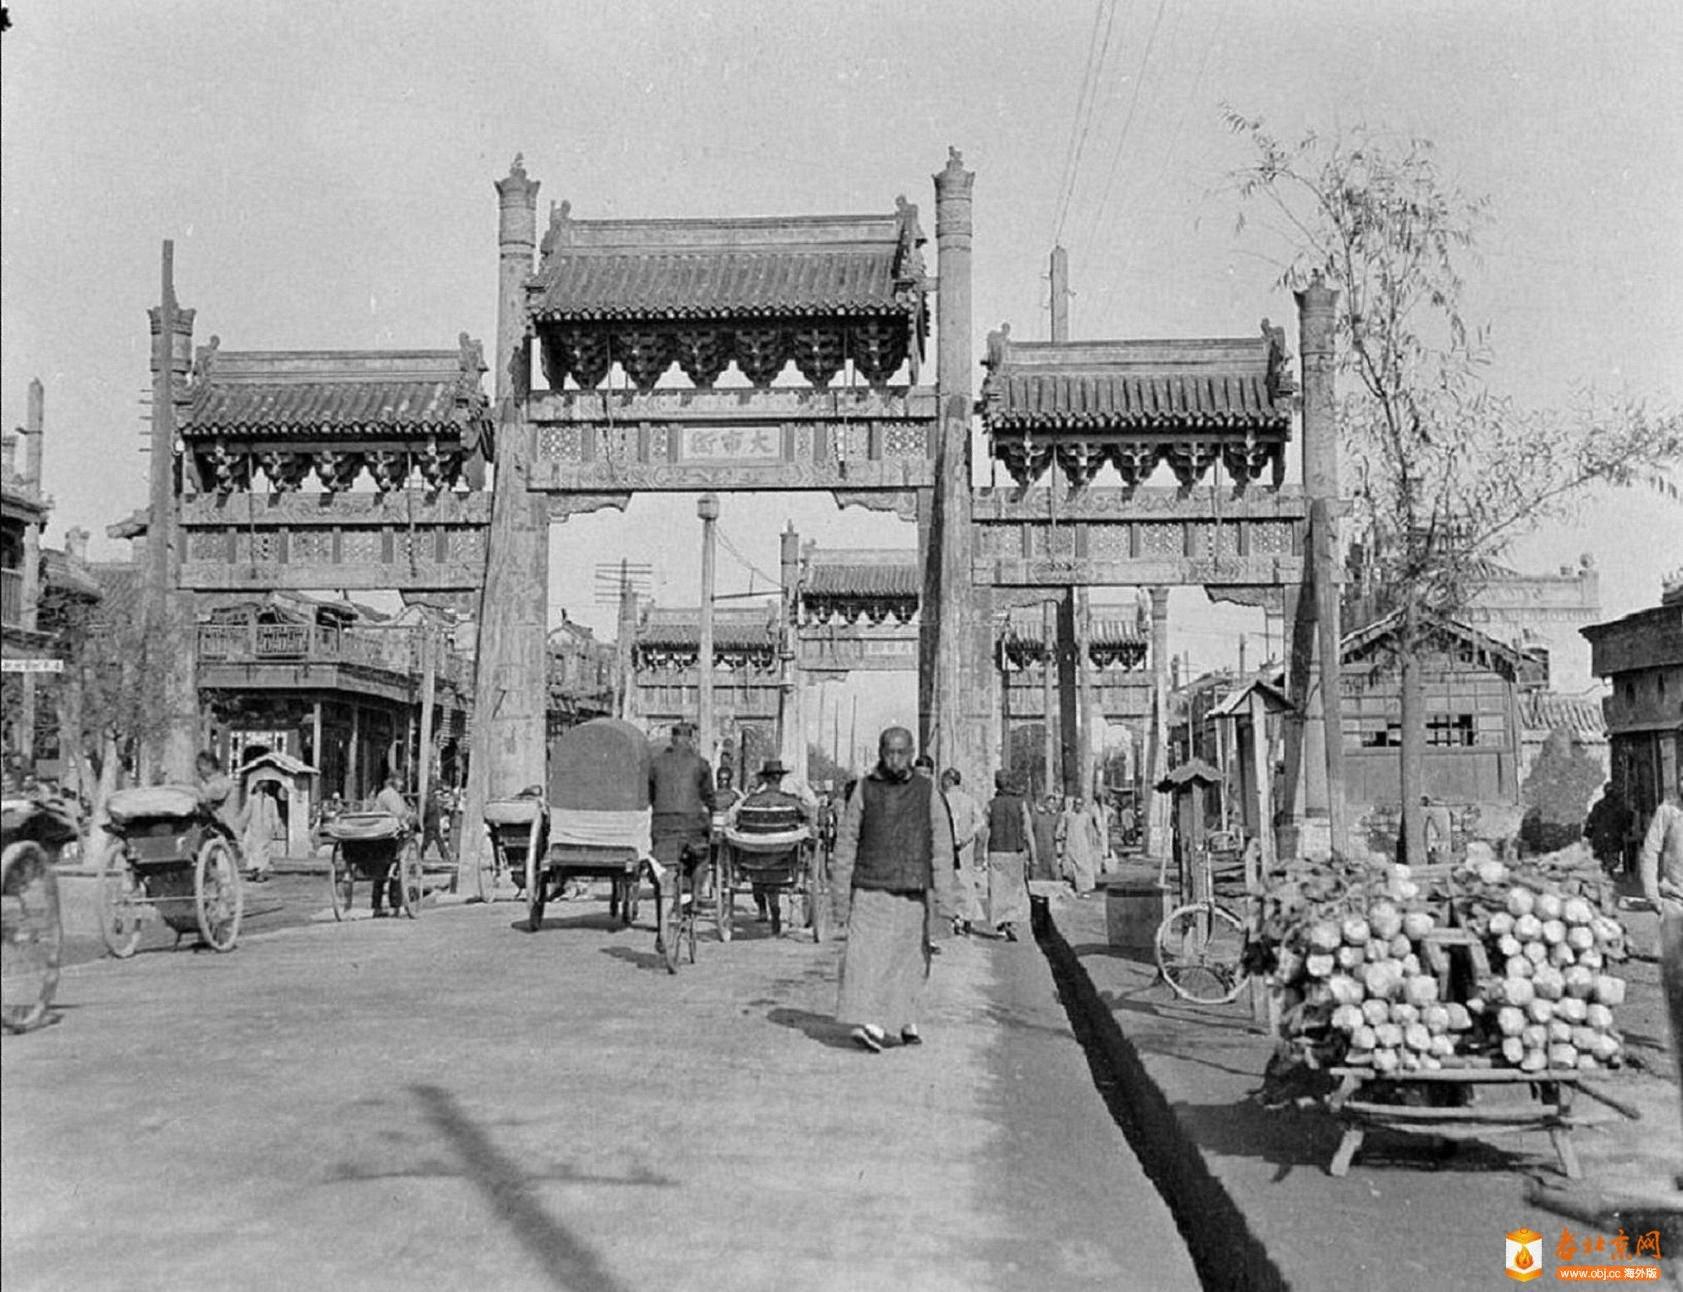 119.东四南-大市街     (1917-19年).jpg